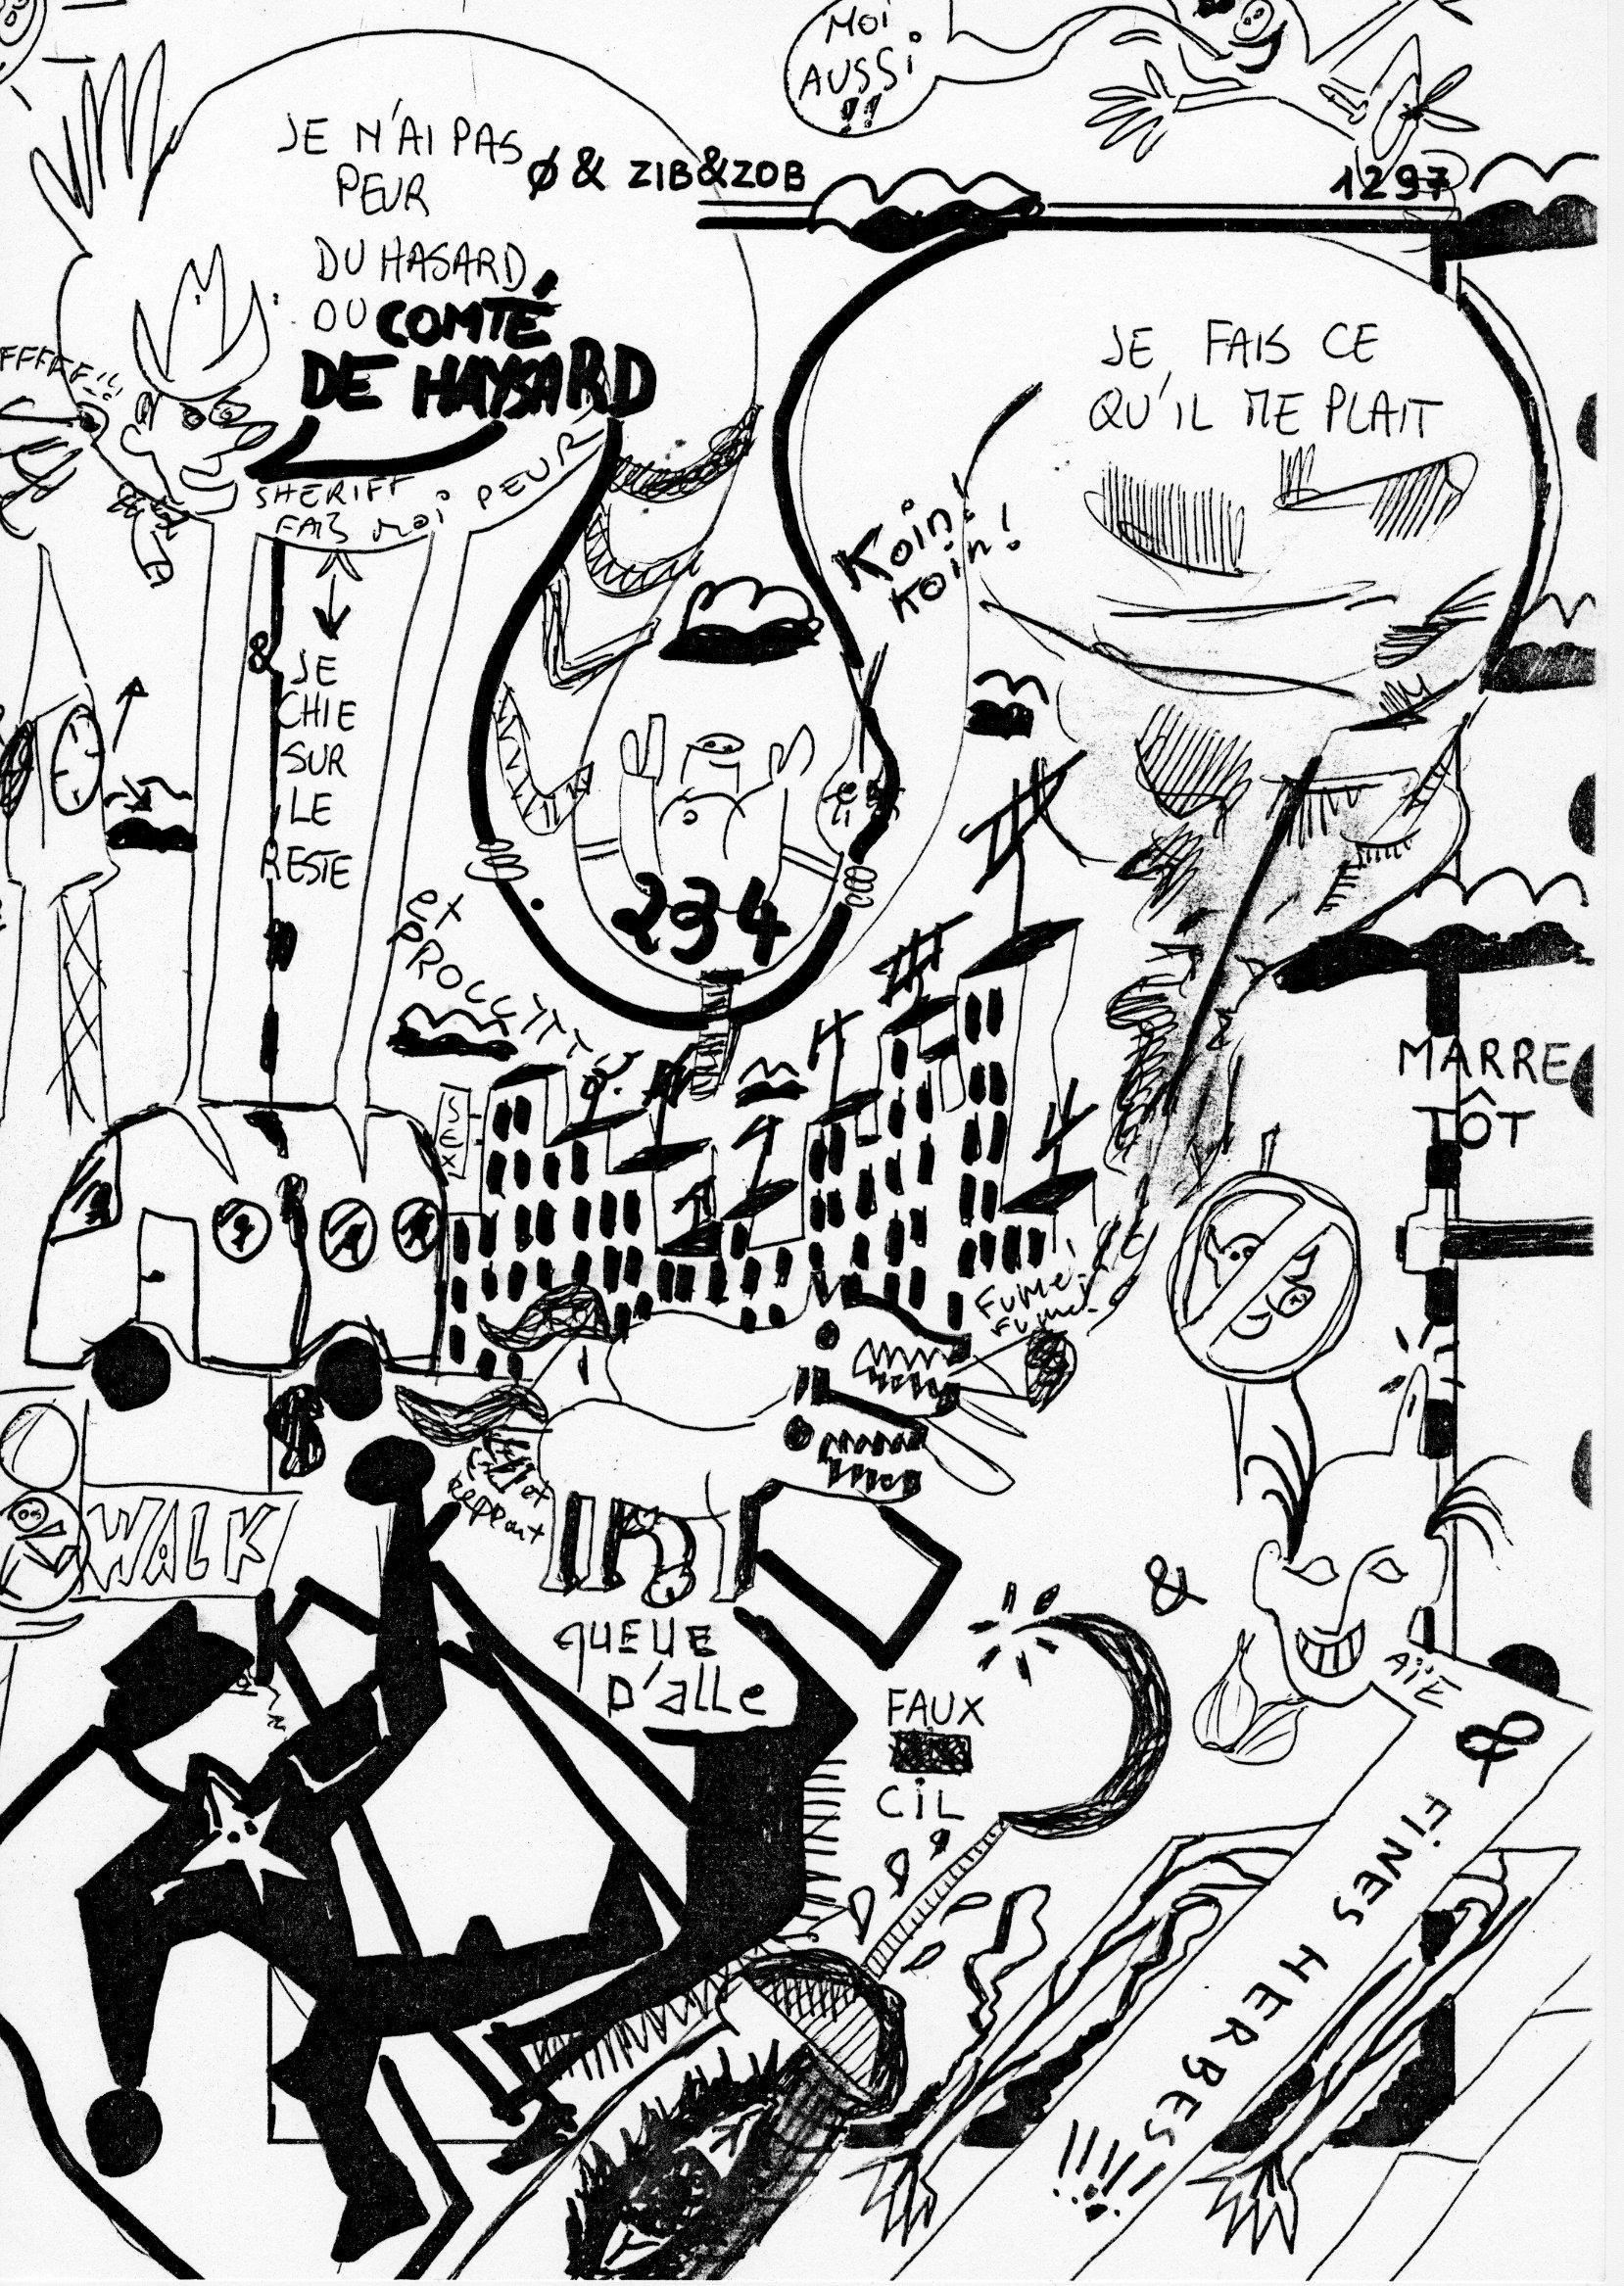 page 1297 Ensemble Vide et Zib et Zob OÏ OF OLASE